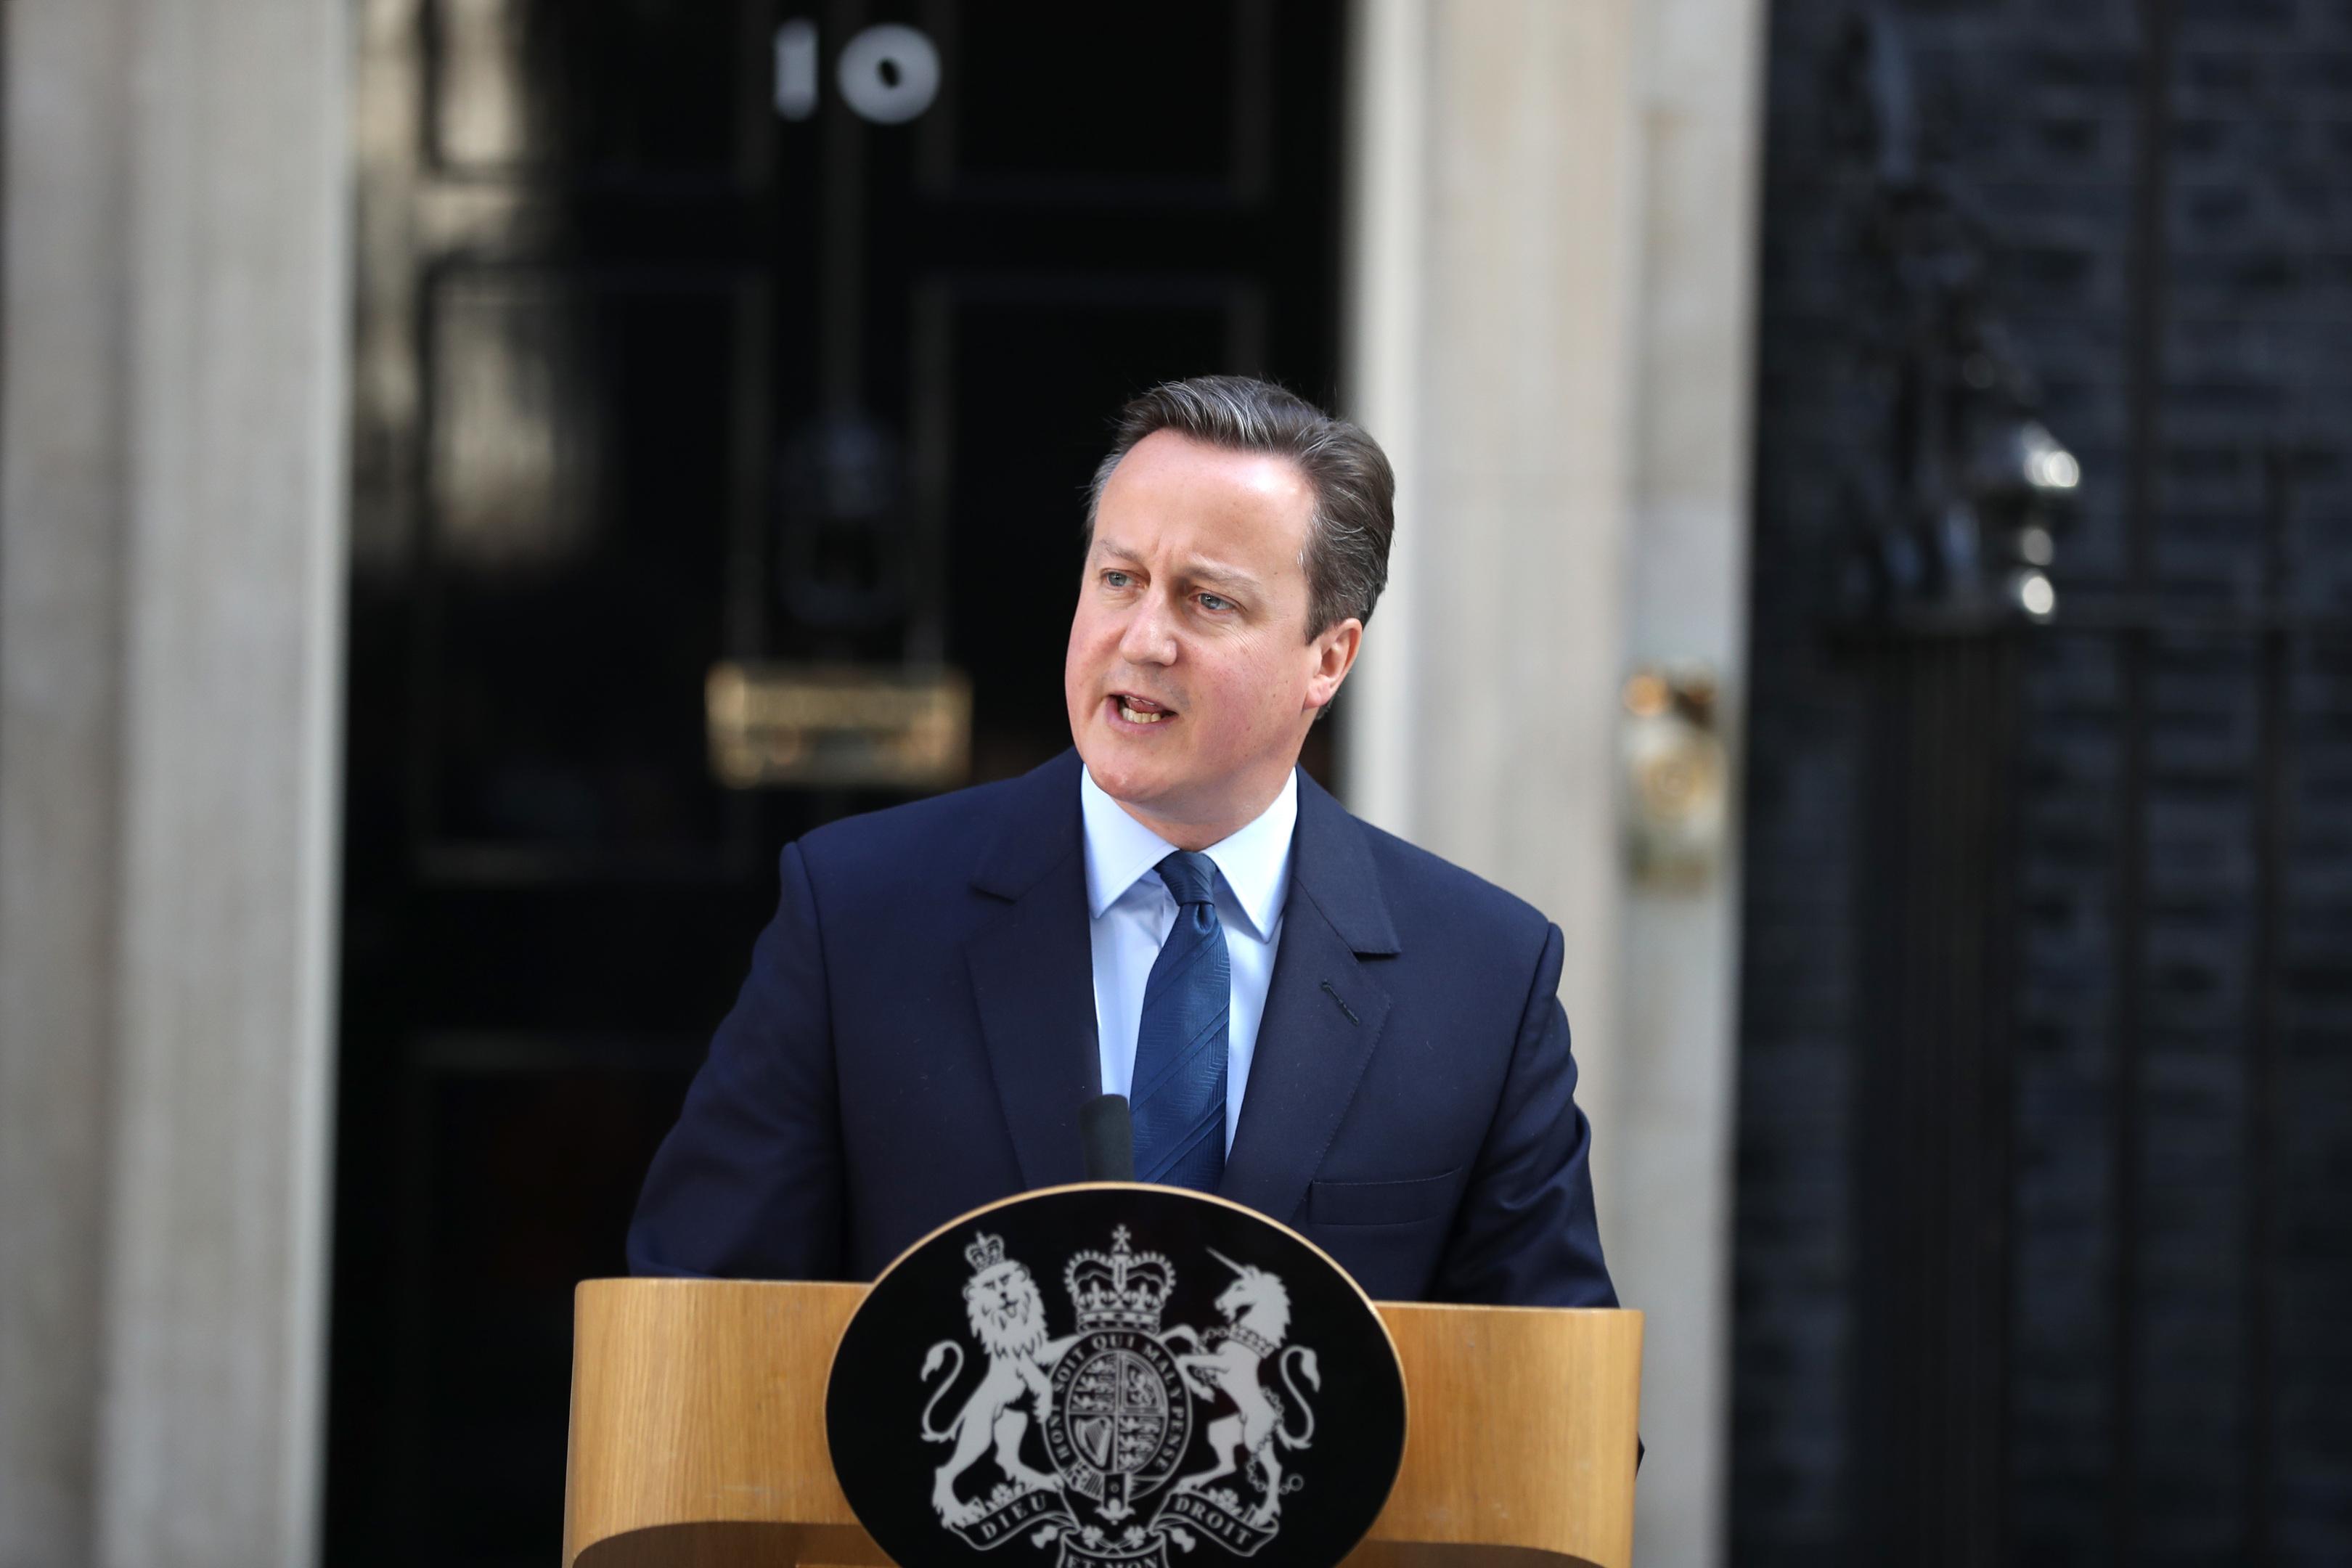 David Cameron announces his resignation.